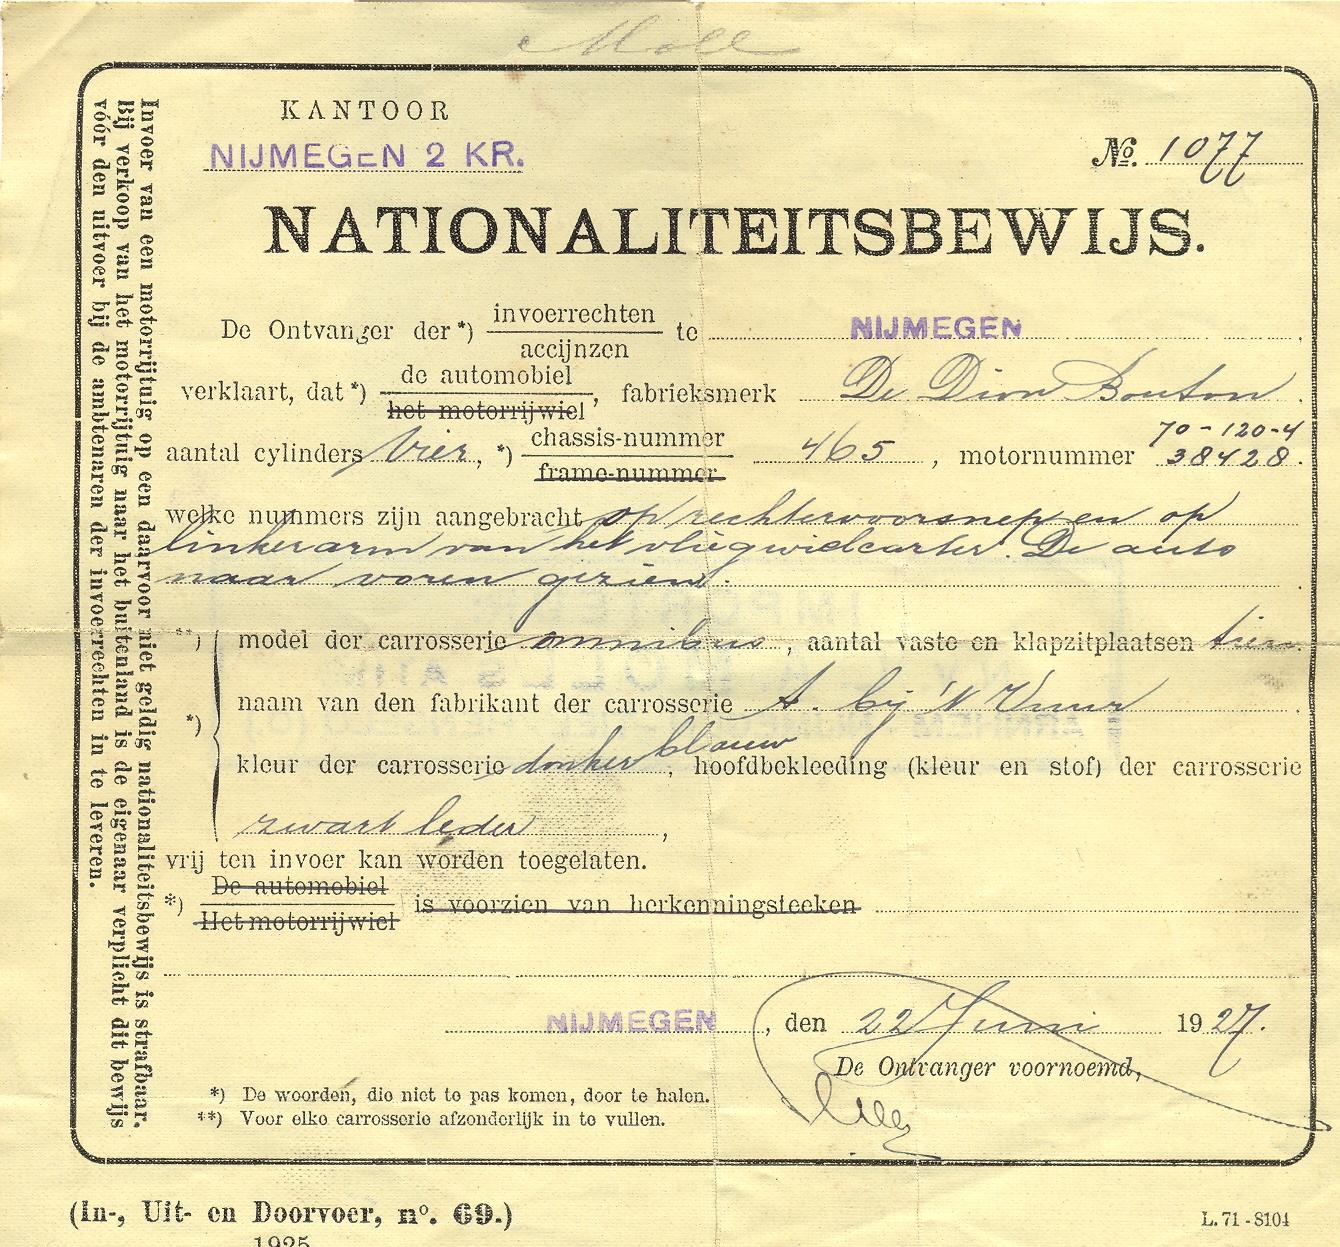 nationaliteitsbewijs-de-dion-bouton-1927